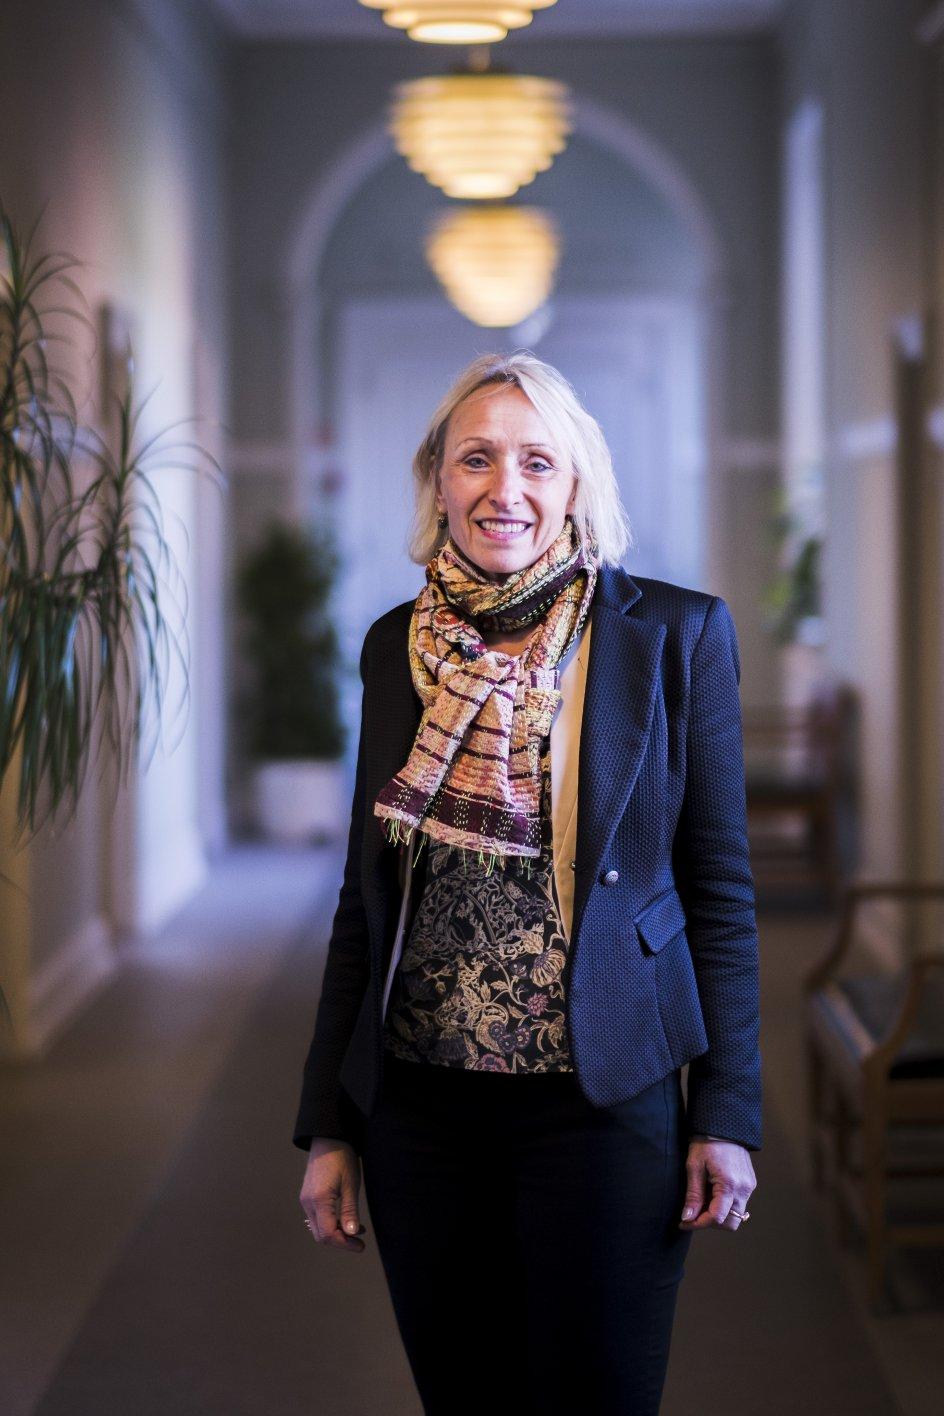 Diakonissestiftelsen fungerer som et tilbud til mennesket i alle livsfaser, fortæller direktør Anne Mette Fugleholm.